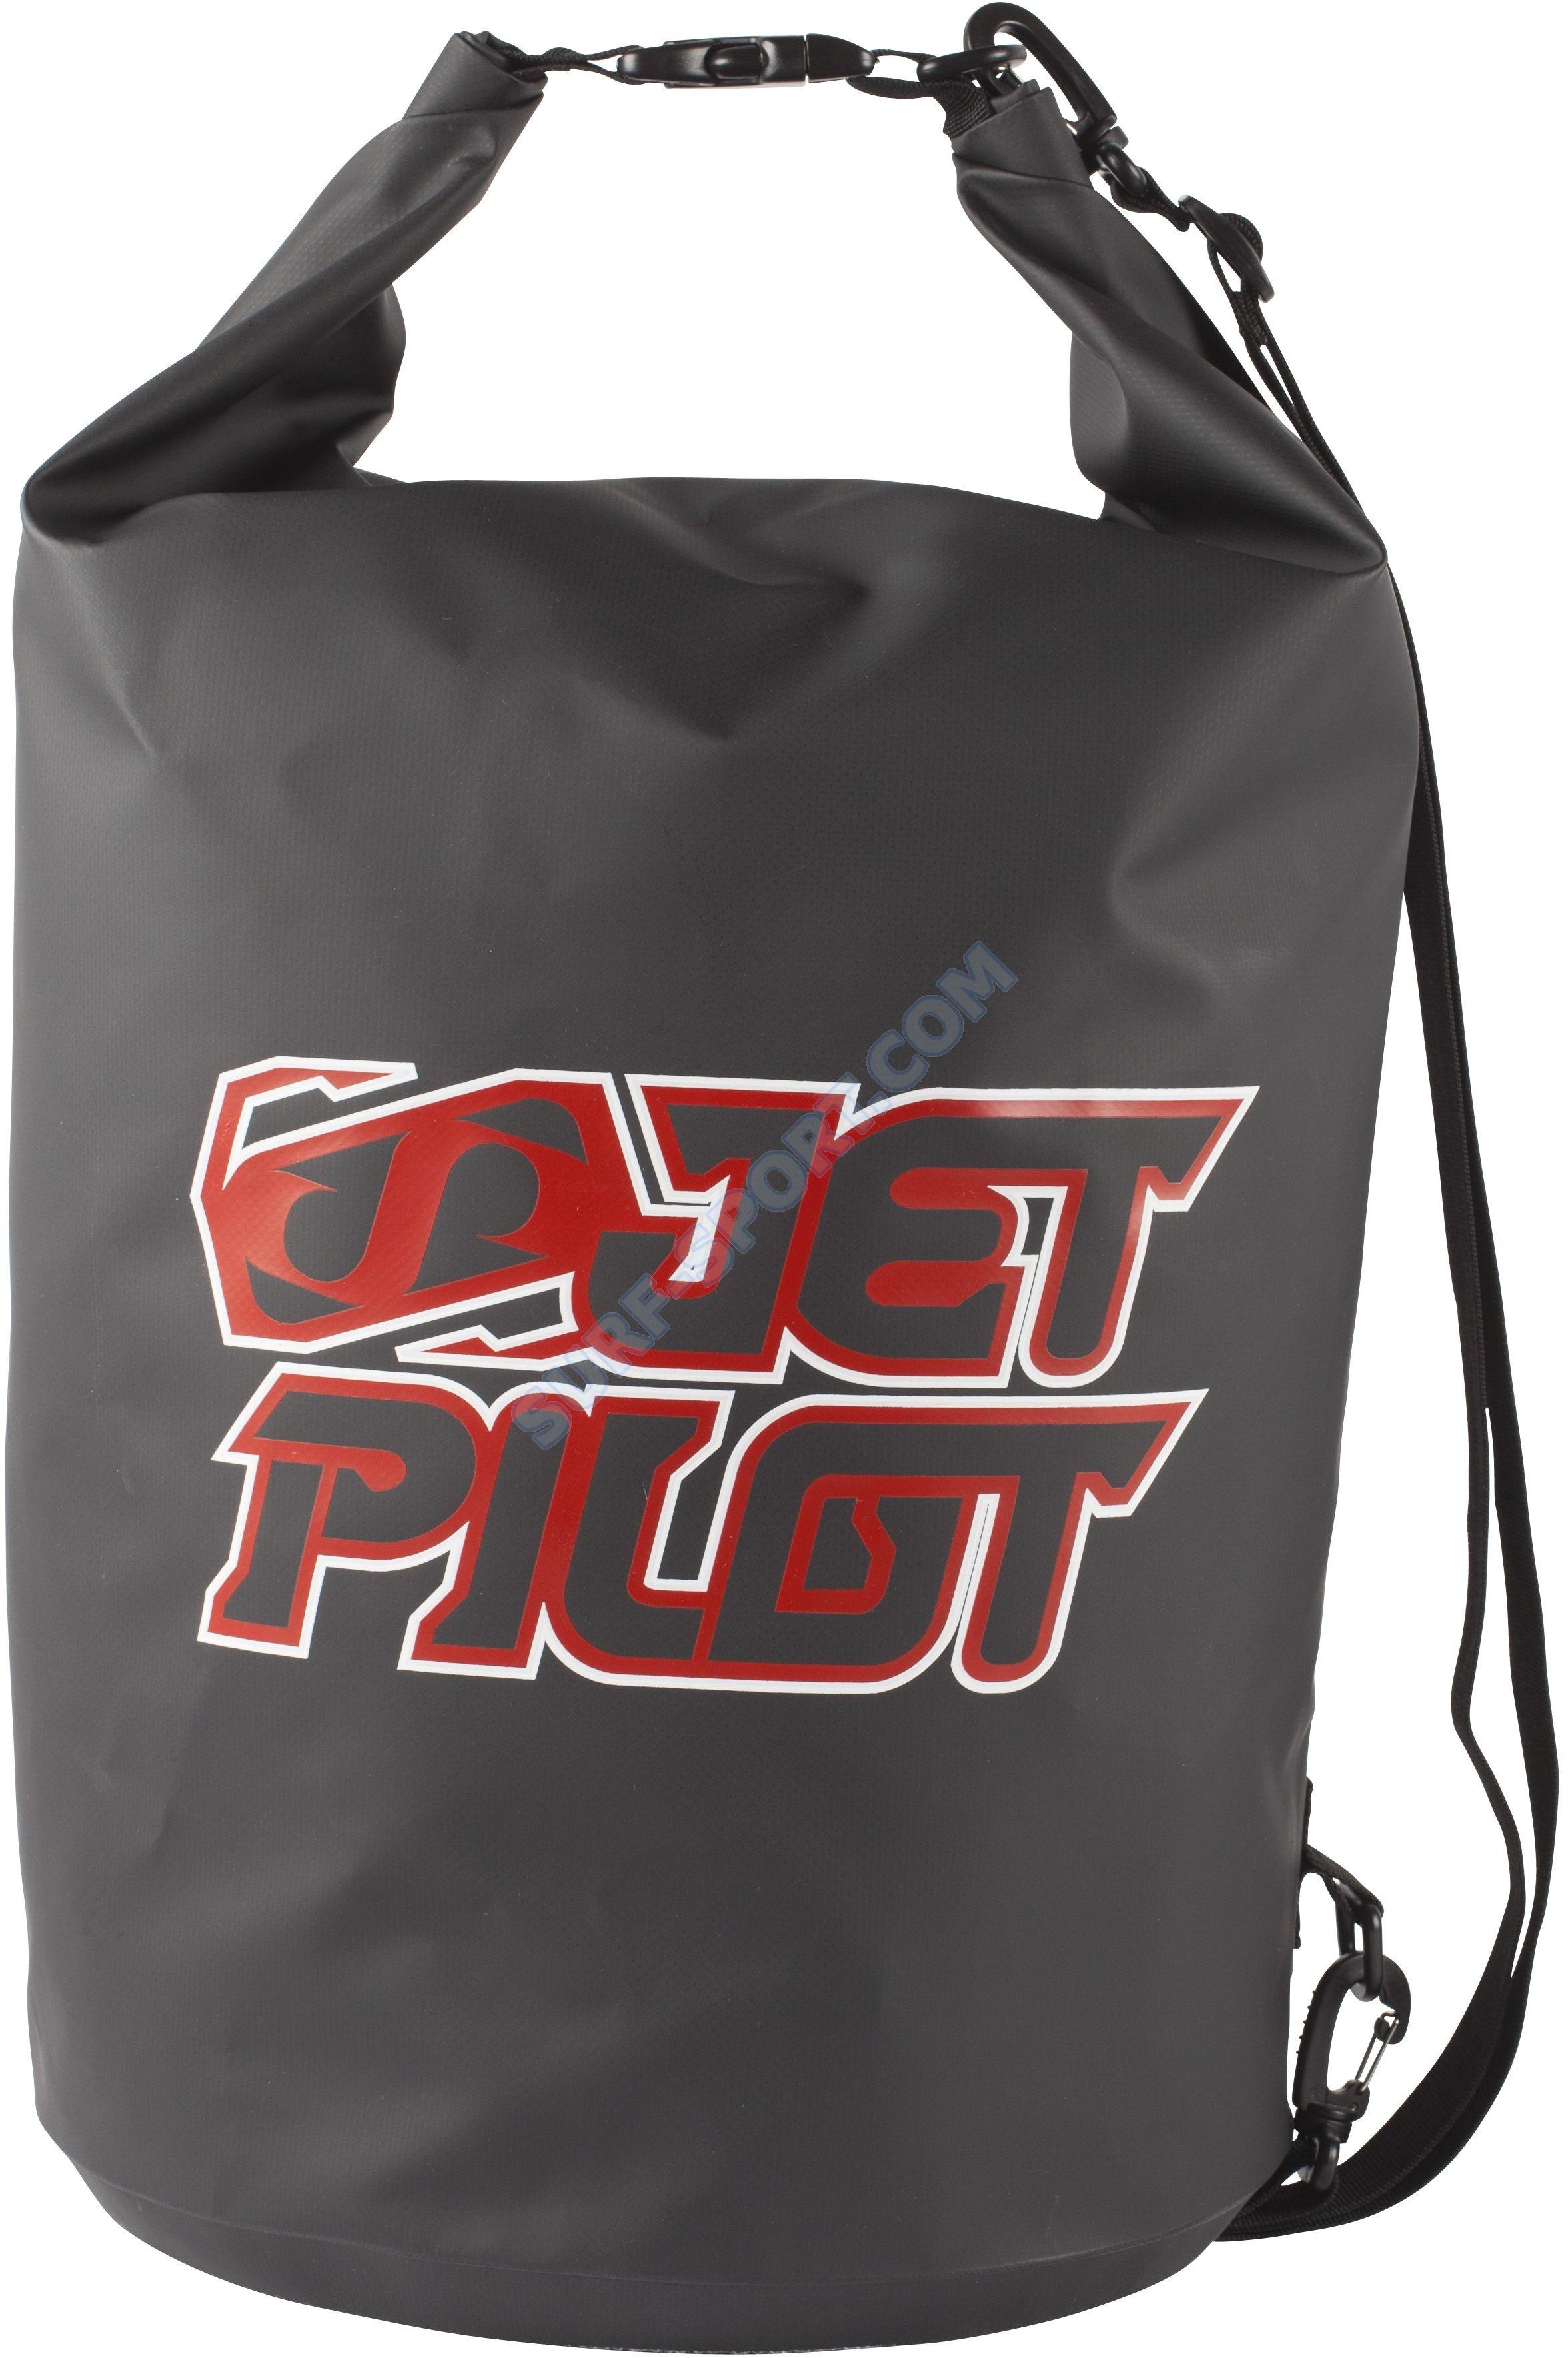 Torba Jet Pilot Roll Top Bag-Wodoszczelna